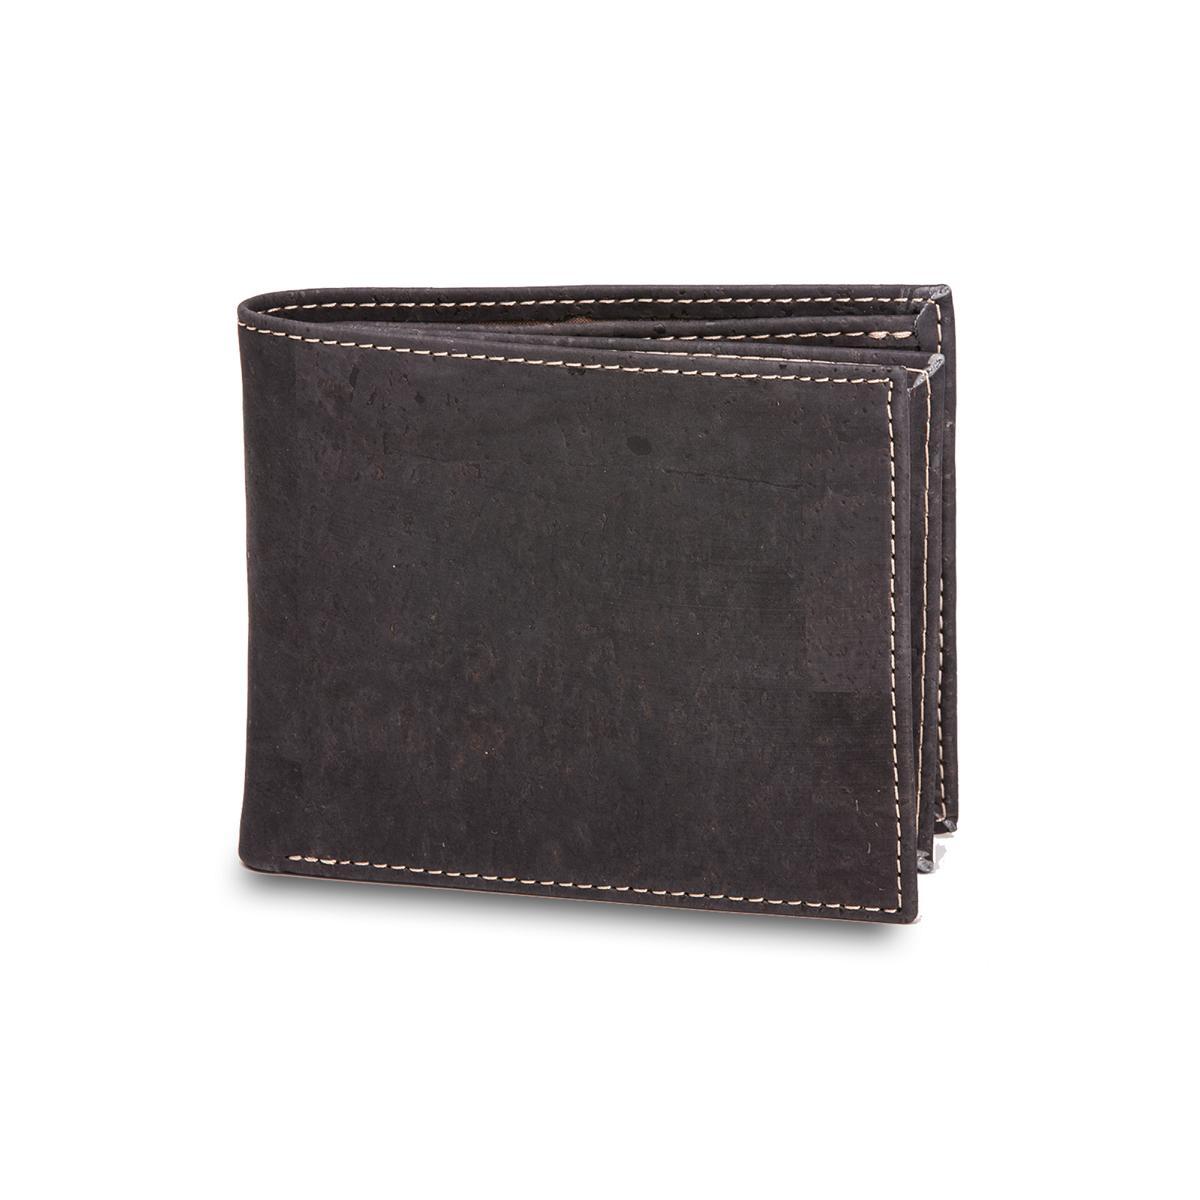 62d176f558973 Vorschau  Schwarzer Geldbeutel aus Korkstoff kaufen · Vorschau  Schwarzerr  Geldbeutel aus Korkstoff kaufen